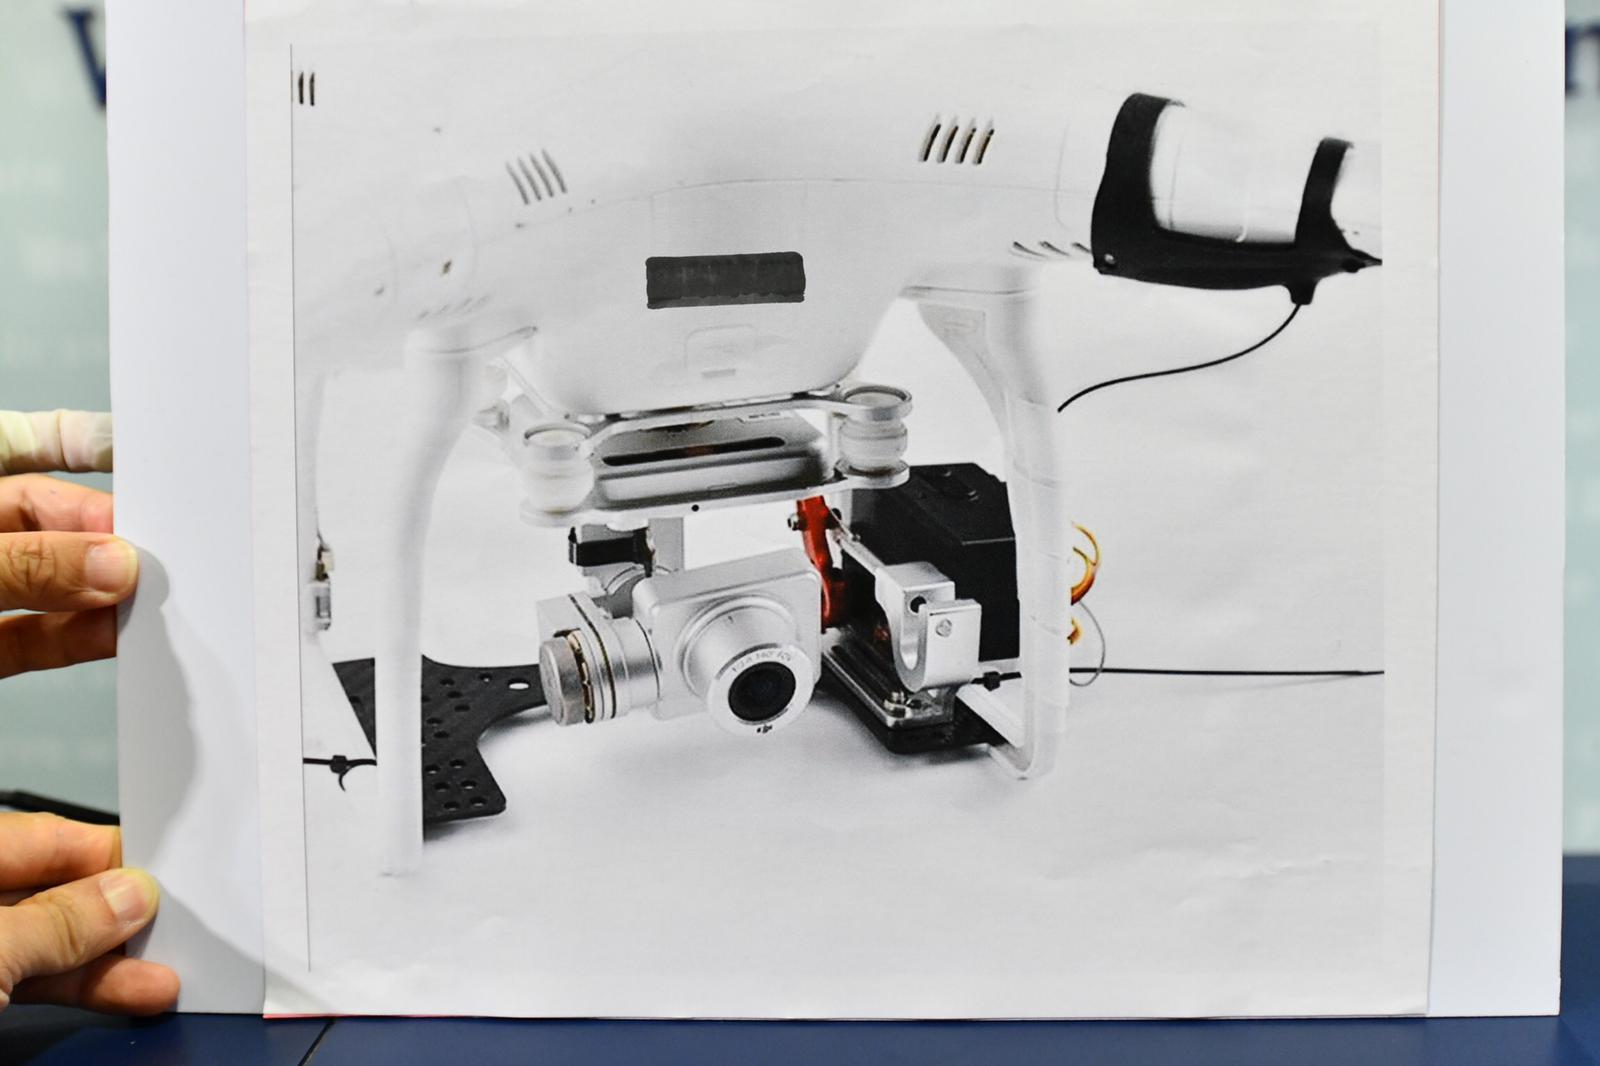 搗「軍火庫」檢無人機及投擲器 警方:可空投物品或致重大傷亡